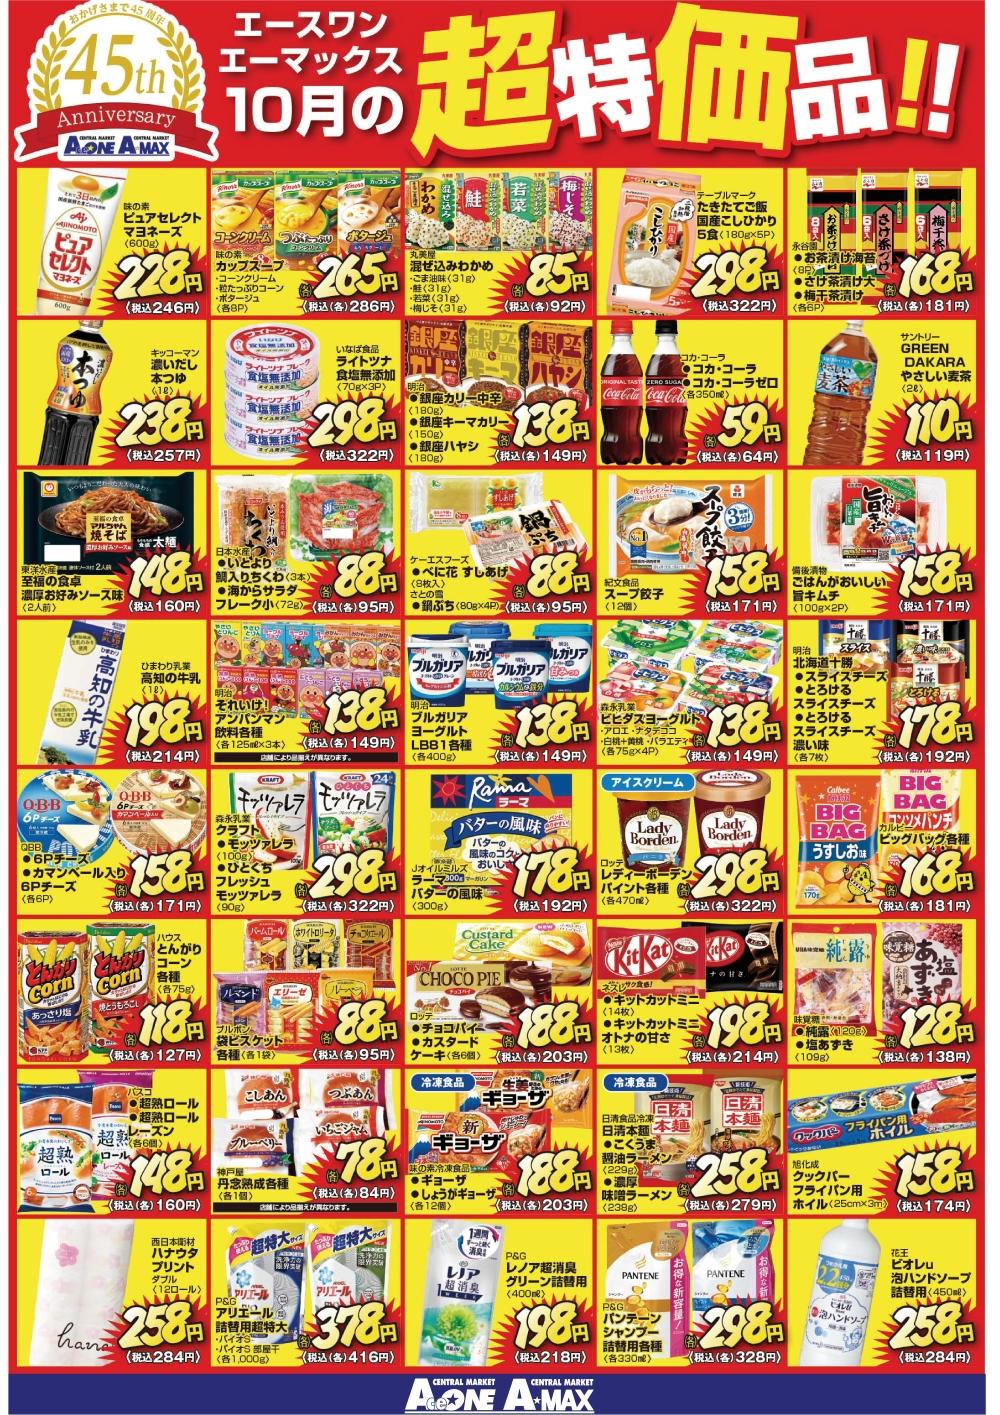 エースワン45周年 10月の超特価品一覧